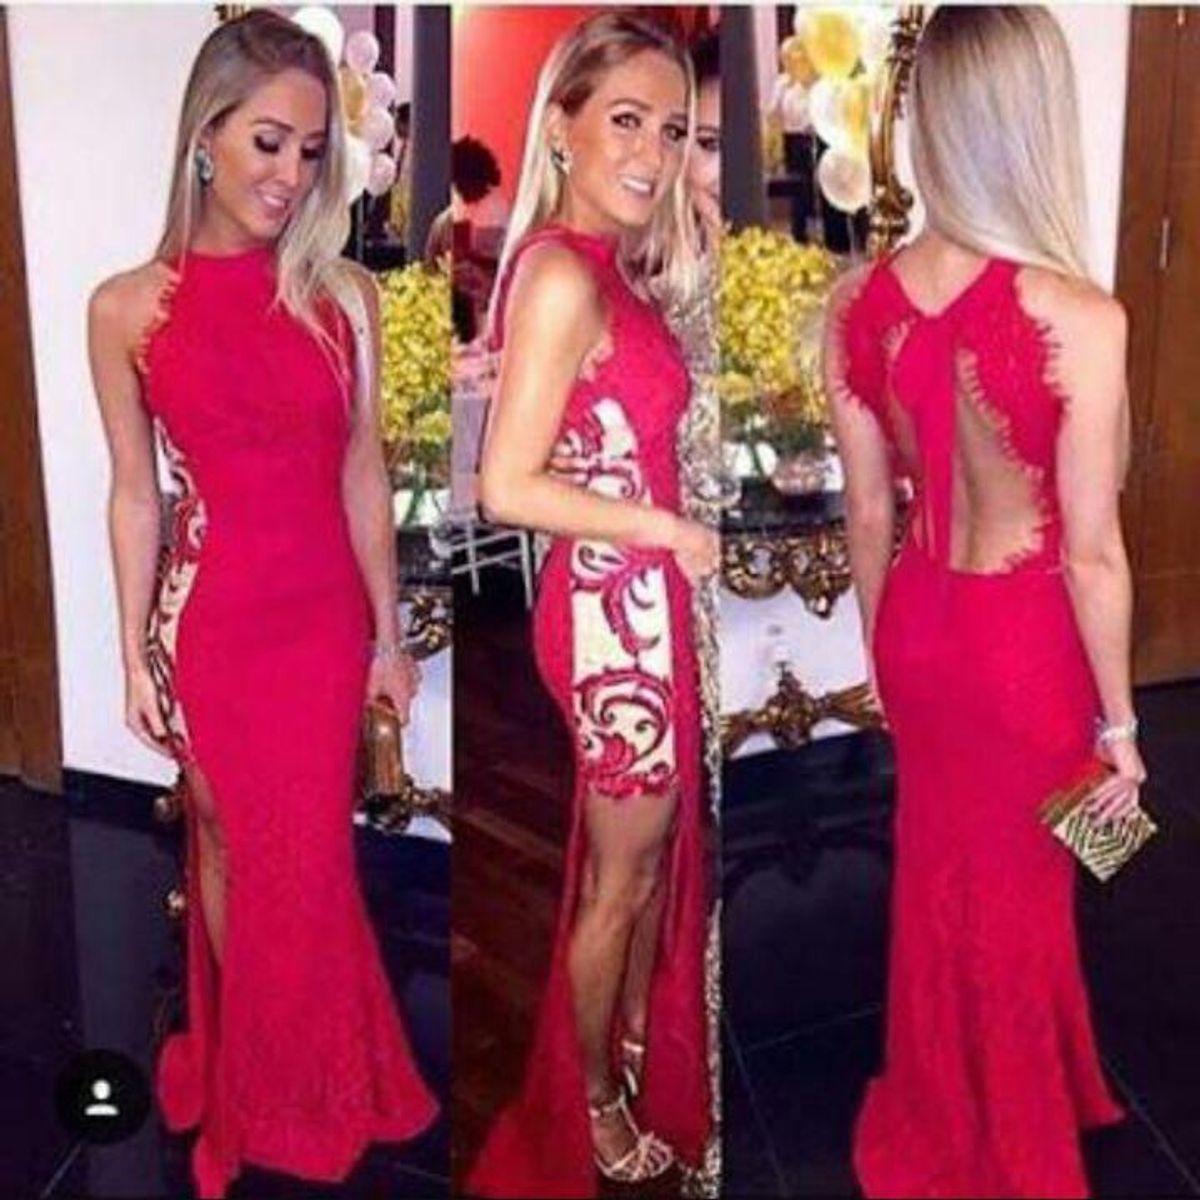 6d9dd337c Vestido Fabulous Agilita Longo Vermelho de Festa para Formatura Ou Convidada  de Casamento. | Vestido de Festa Feminino Fabulous Agilita Usado 33643593 |  ...